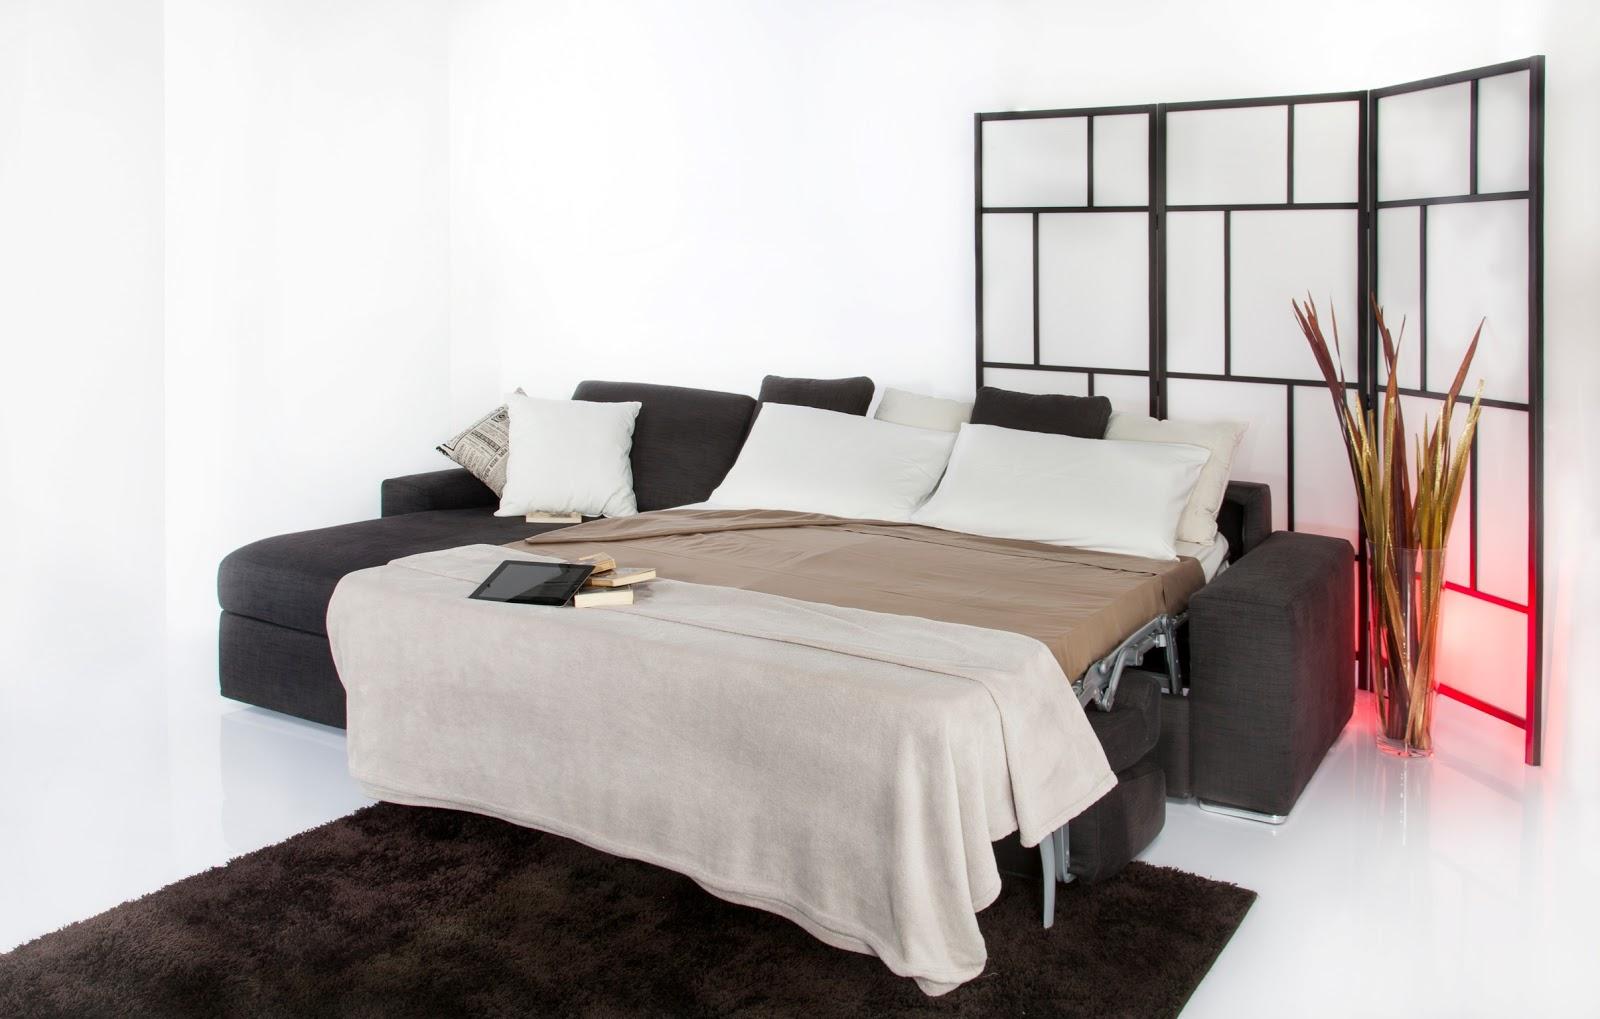 Divani blog tino mariani nuove immagini del divano for Divani moderni con penisola